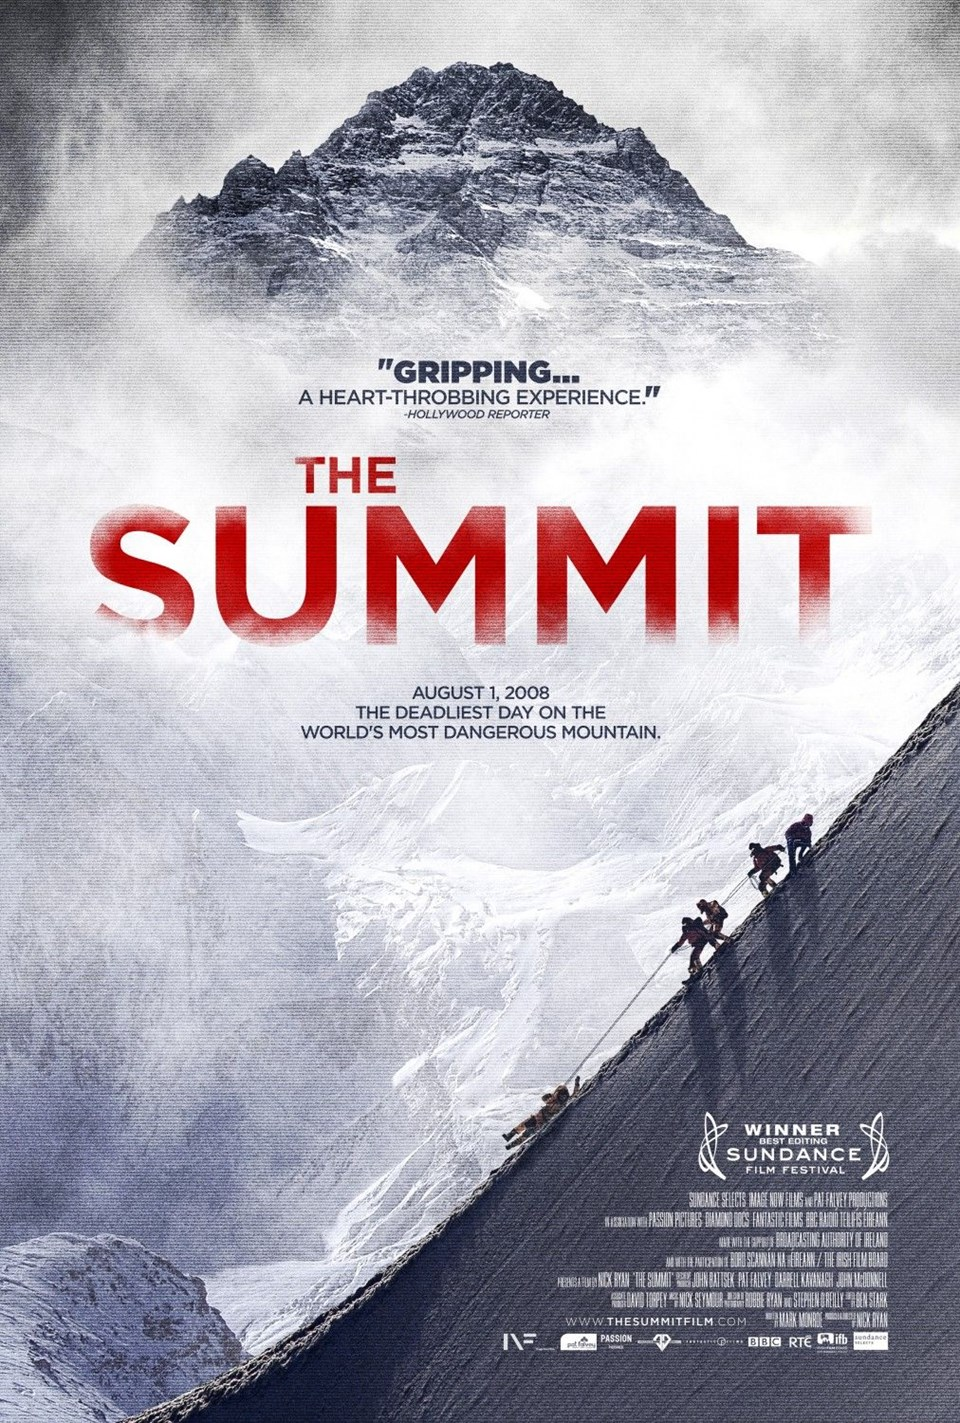 en iyi dağcılık filmleri, en güzel dağcılık filmleri, tırmanış filmleri, the summit